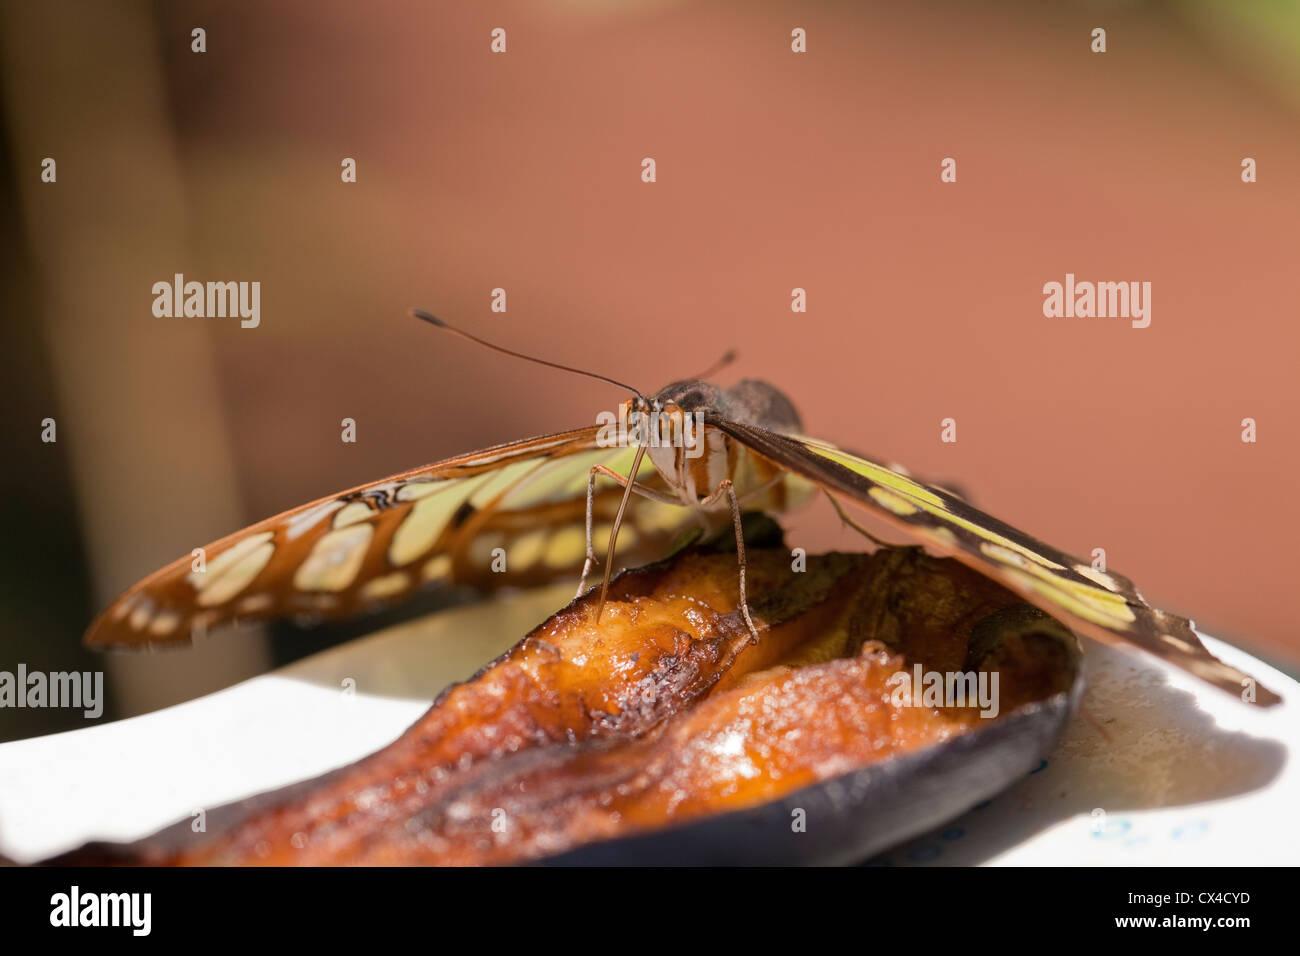 Primer plano de una mariposa (Siproeta stelenes Malaquita) alimentándose de una rodaja de plátano en la granja de mariposas, cerca de San José, Costa Rica. Foto de stock